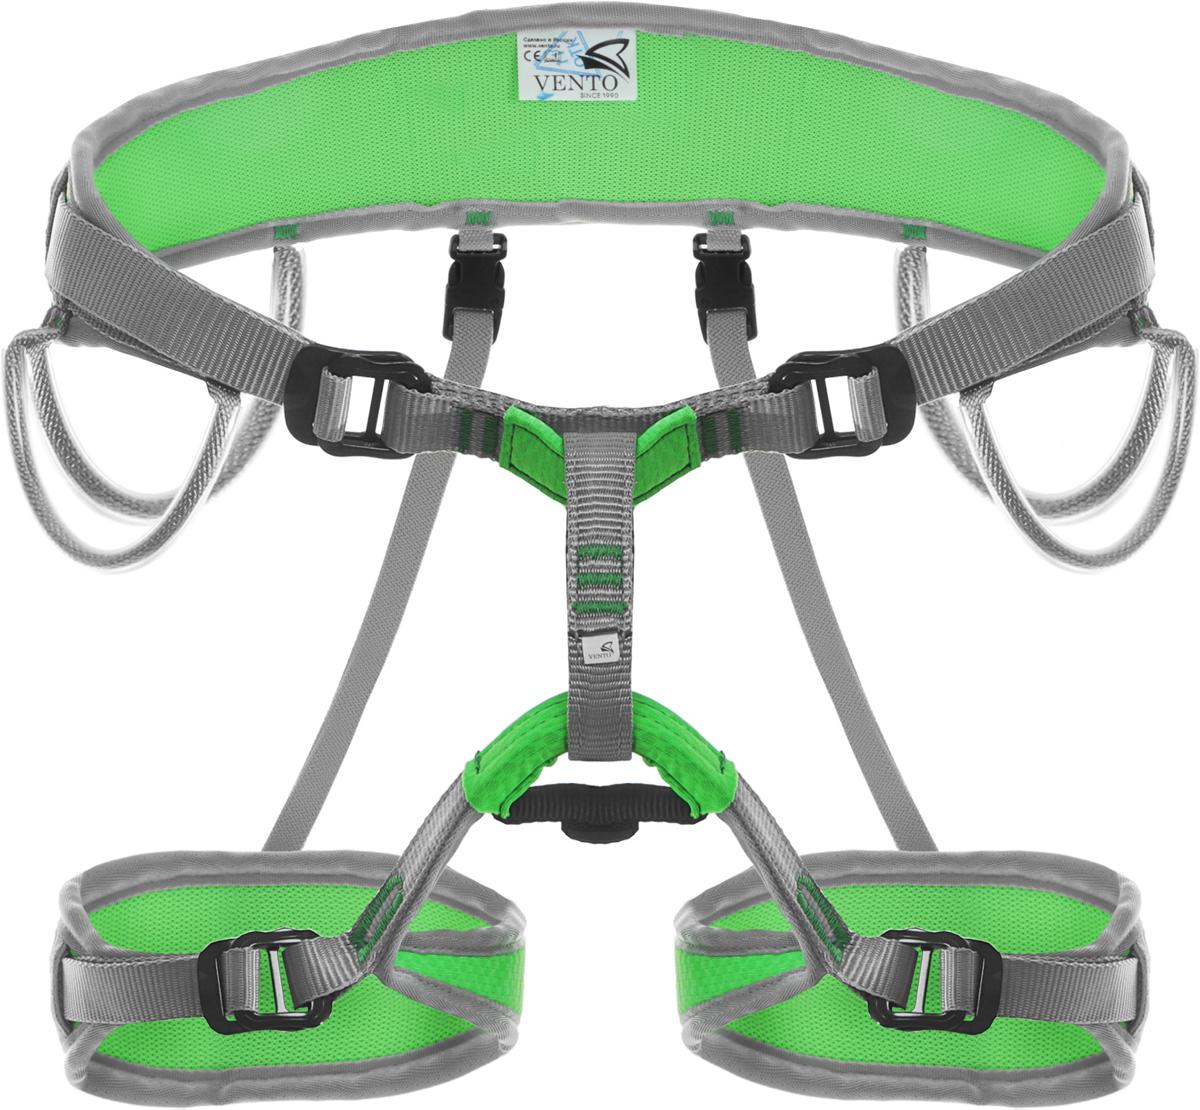 Система страховочная Vento Argon Toxic, цвет: зеленый, размер M/Lvnt 108tg 2Яркая альпинистская беседка «Argon» разработана для альпинистов, скалолазов и туристов. Это универсальная полностью регулируемая обвязка, сшитая по технологии «силового каркаса», что позволяет распределить нагрузку на всю площадь пояса и ножных обхватов. Две пряжки «дуплекс» на поясе предназначены для регулирования беседки, а также для правильного позиционирования страховочного кольца. Конструкция включает 4 широкие петли и большое количество слотов для развески снаряжения. Производится в двух размерах.Характеристики:Размер: 2Масса: 442 г Обхват пояса: 96 – 140 смОбхват ног: 54 – 70 смСоответствие: EN 12277Сертификат: СЕ (E-30-20010-15).